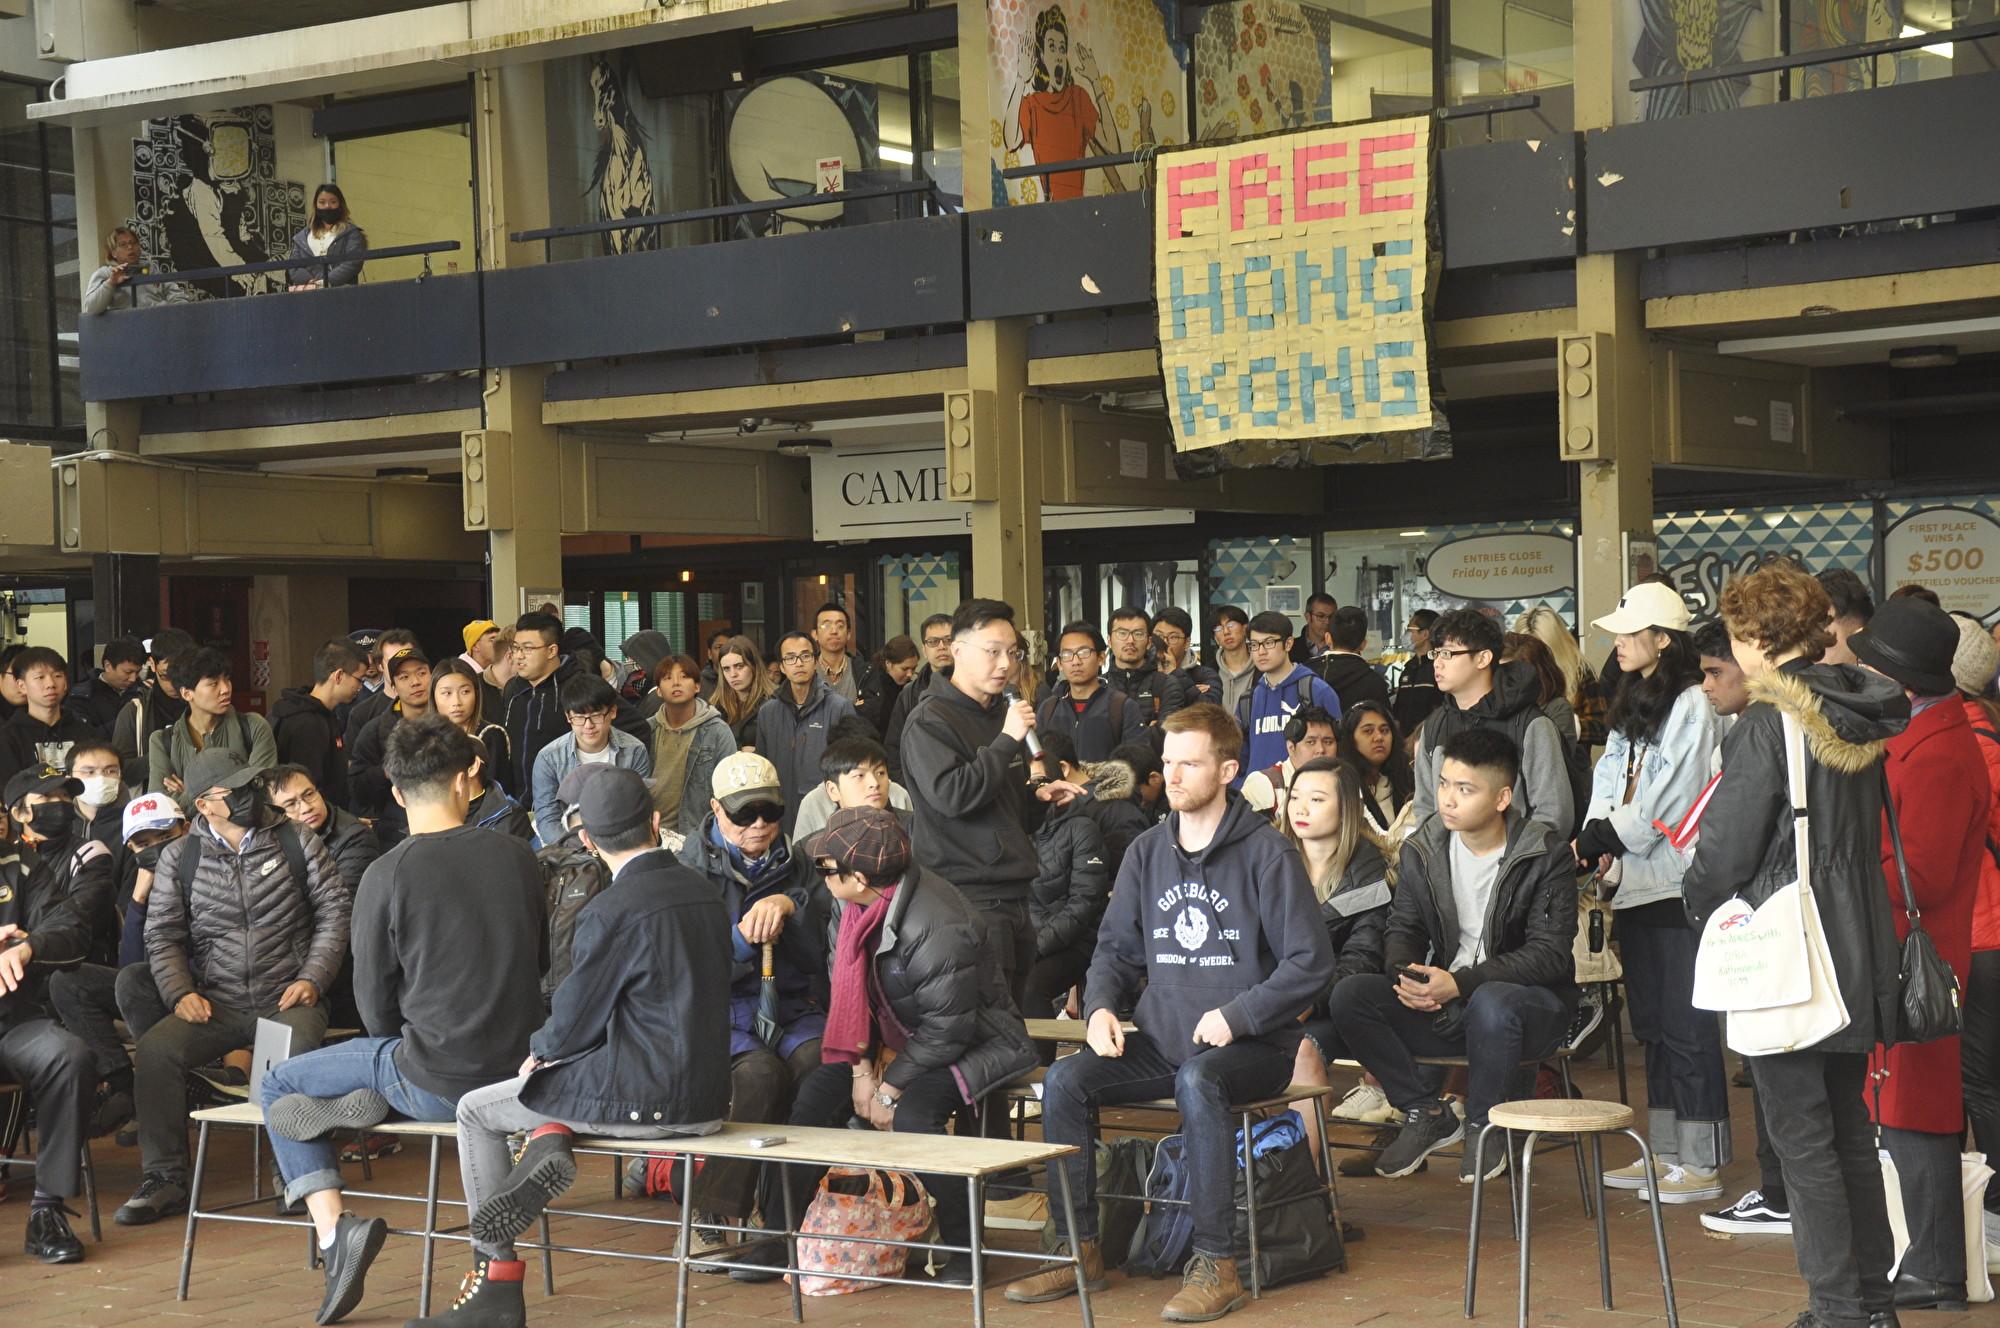 2019年8月6日中午,奧克蘭大學香港學生在校園內的美食廣場(The Quad)組織了一場集會,聲援香港人一個多月來的「反送中」抗議活動。(易凡/大紀元)